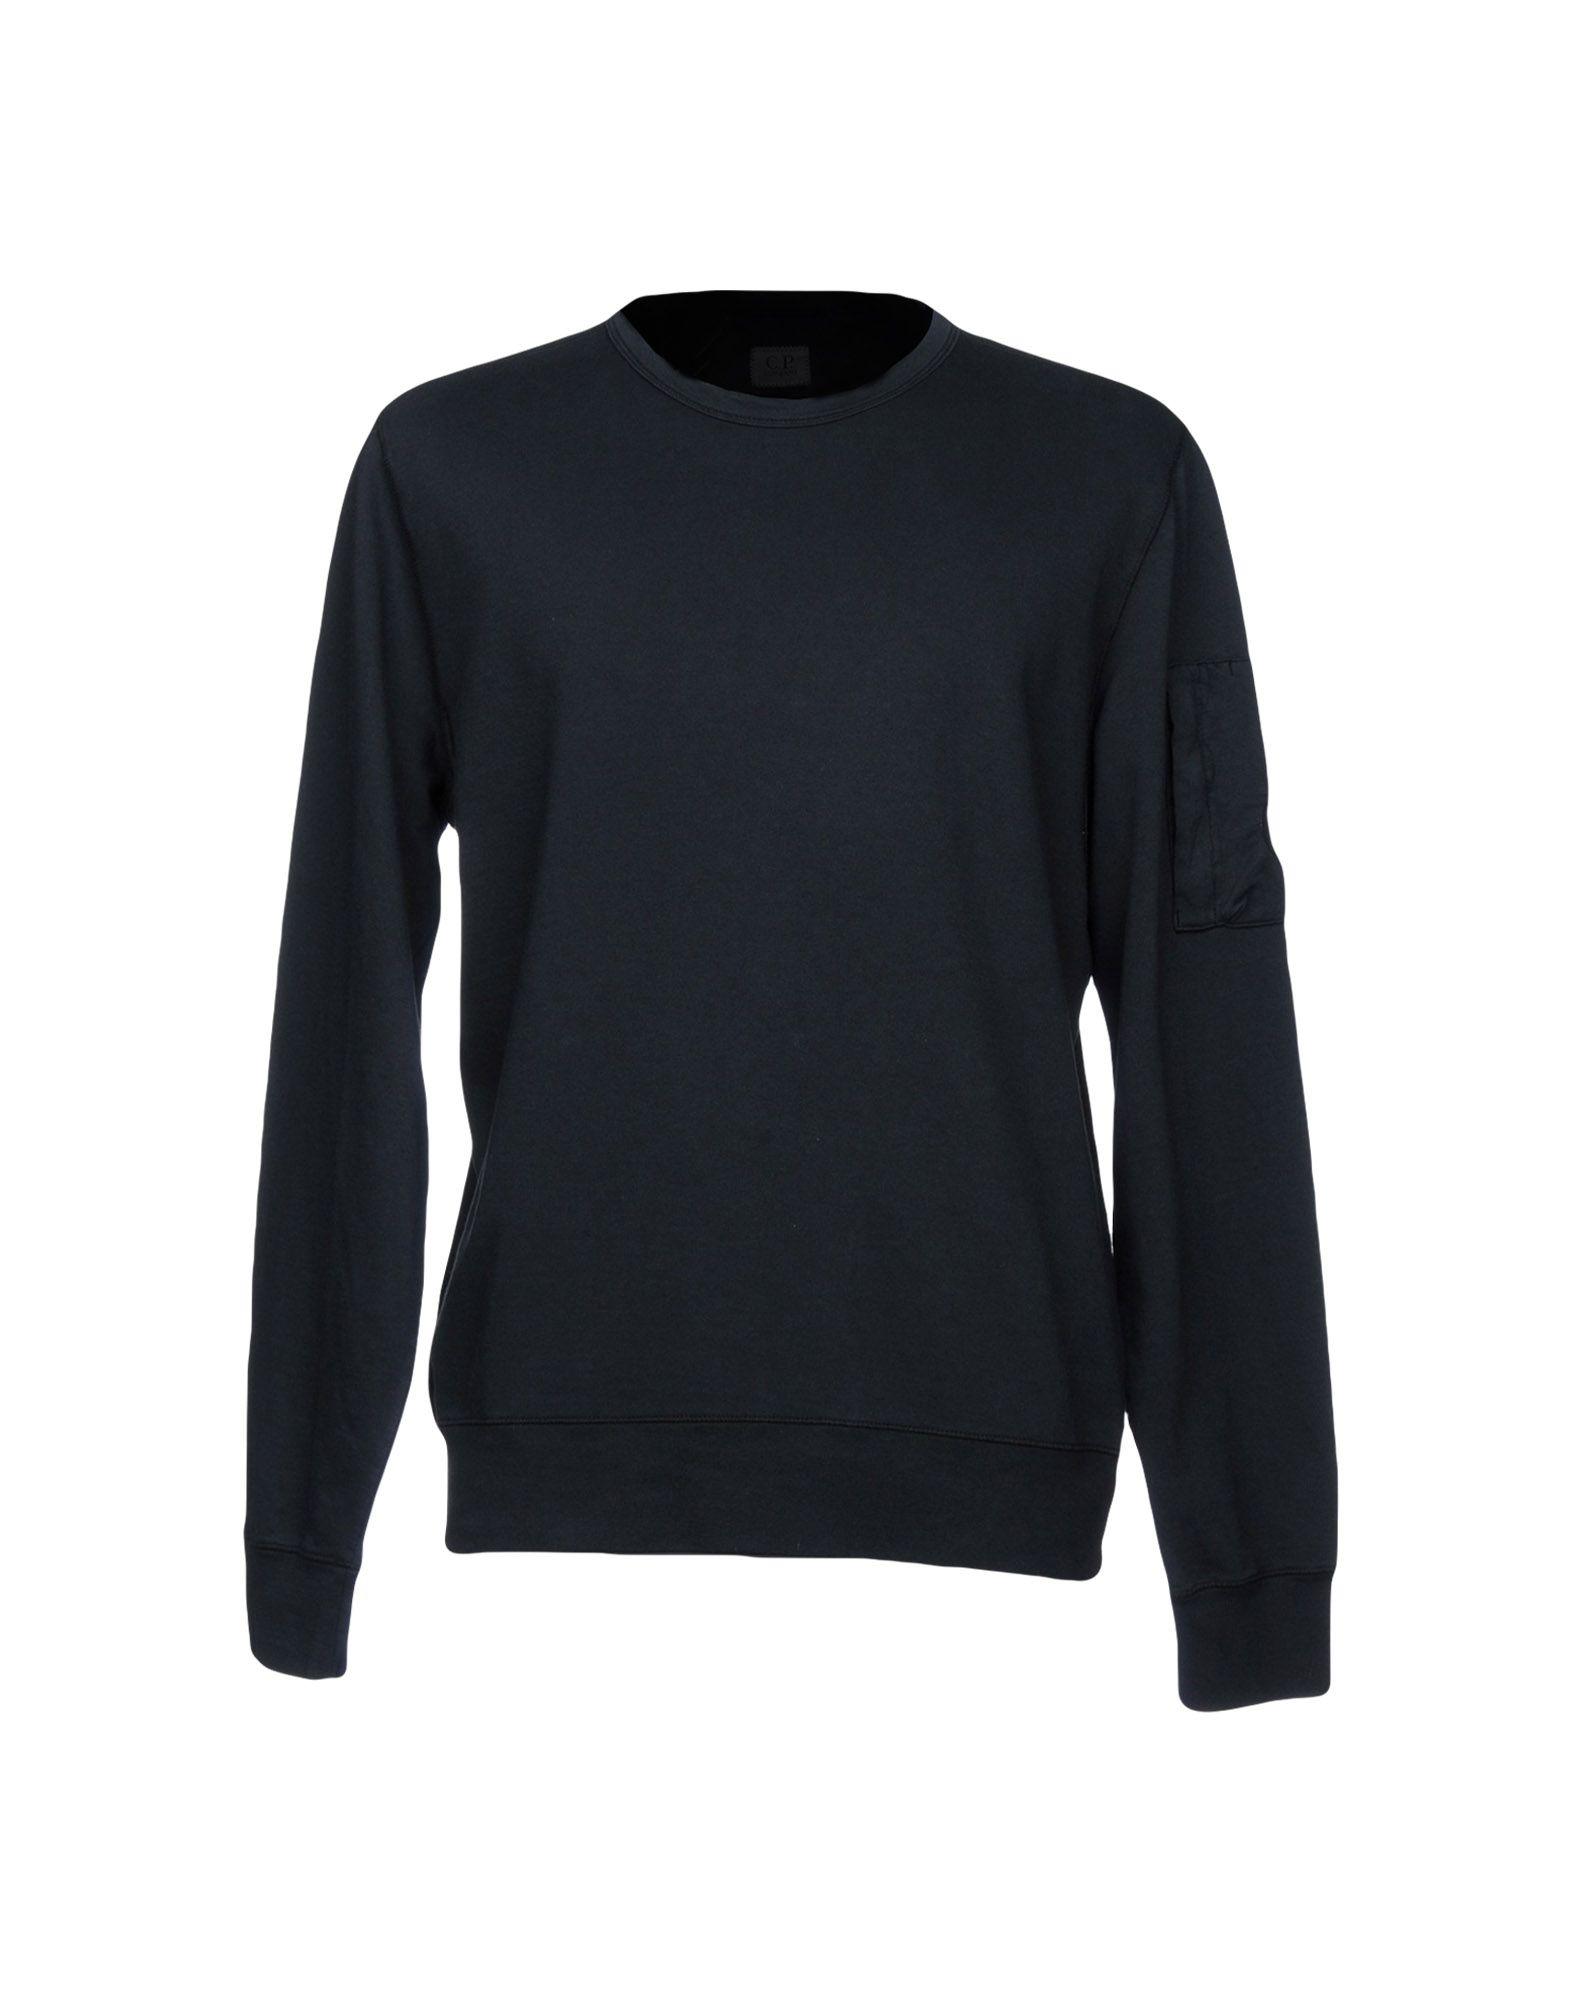 C.P. COMPANY Herren Sweatshirt Farbe Dunkelblau Größe 7 jetztbilligerkaufen